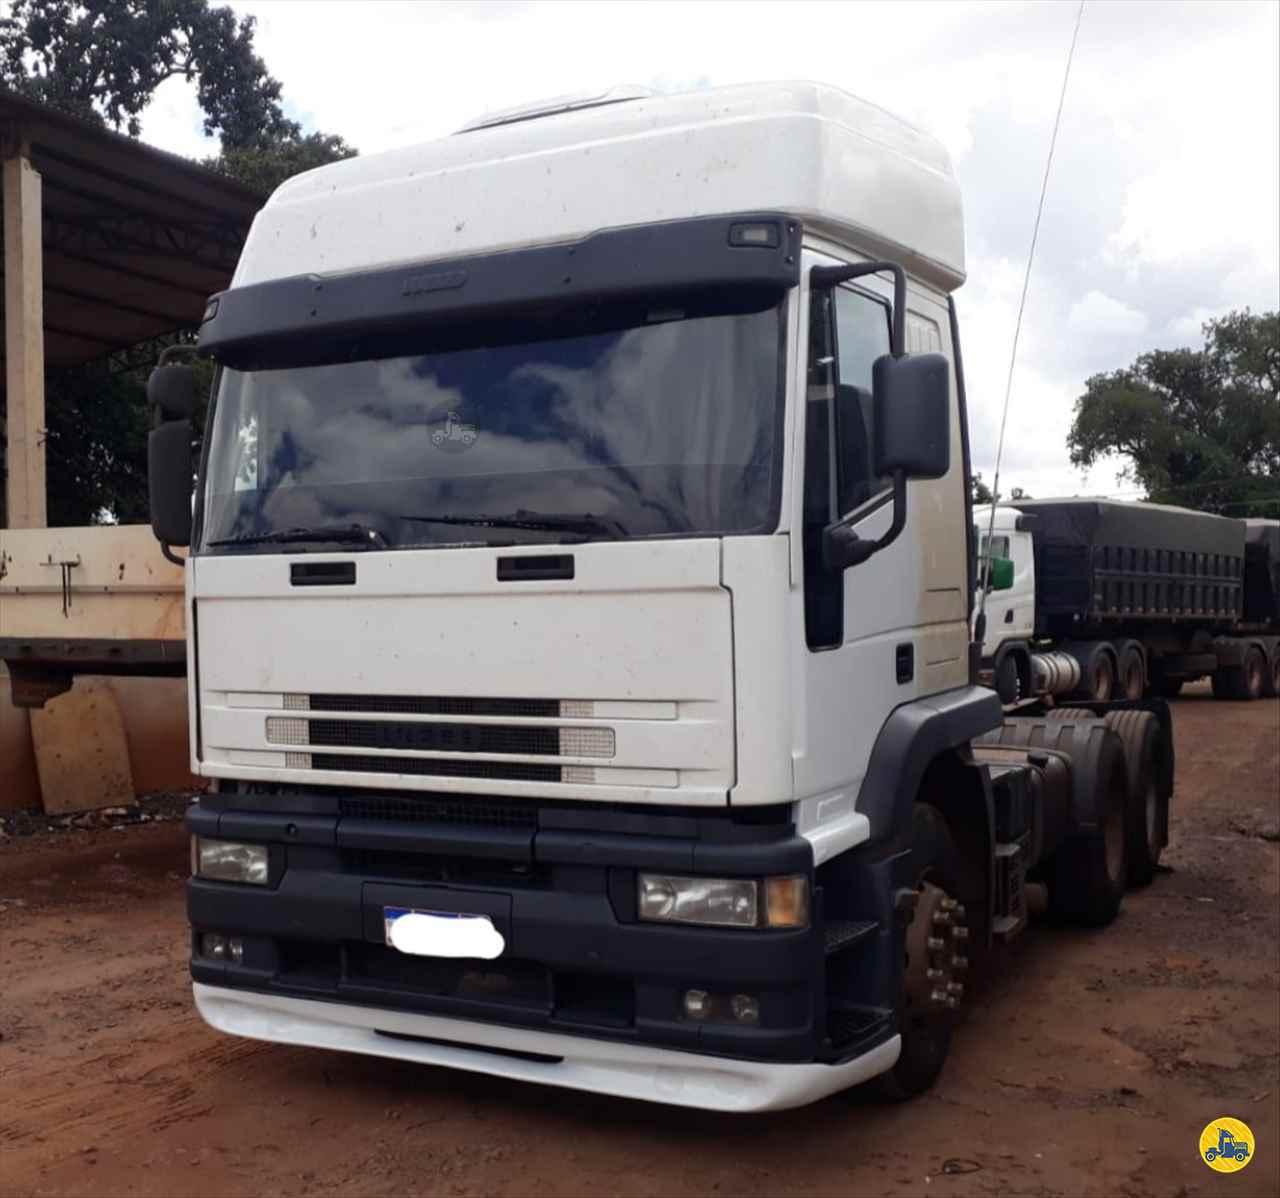 CAMINHAO IVECO EUROTECH 450E37 Cavalo Mecânico Truck 6x2 Rodrigo Caminhões CAMPO GRANDE MATO GROSSO DO SUL MS